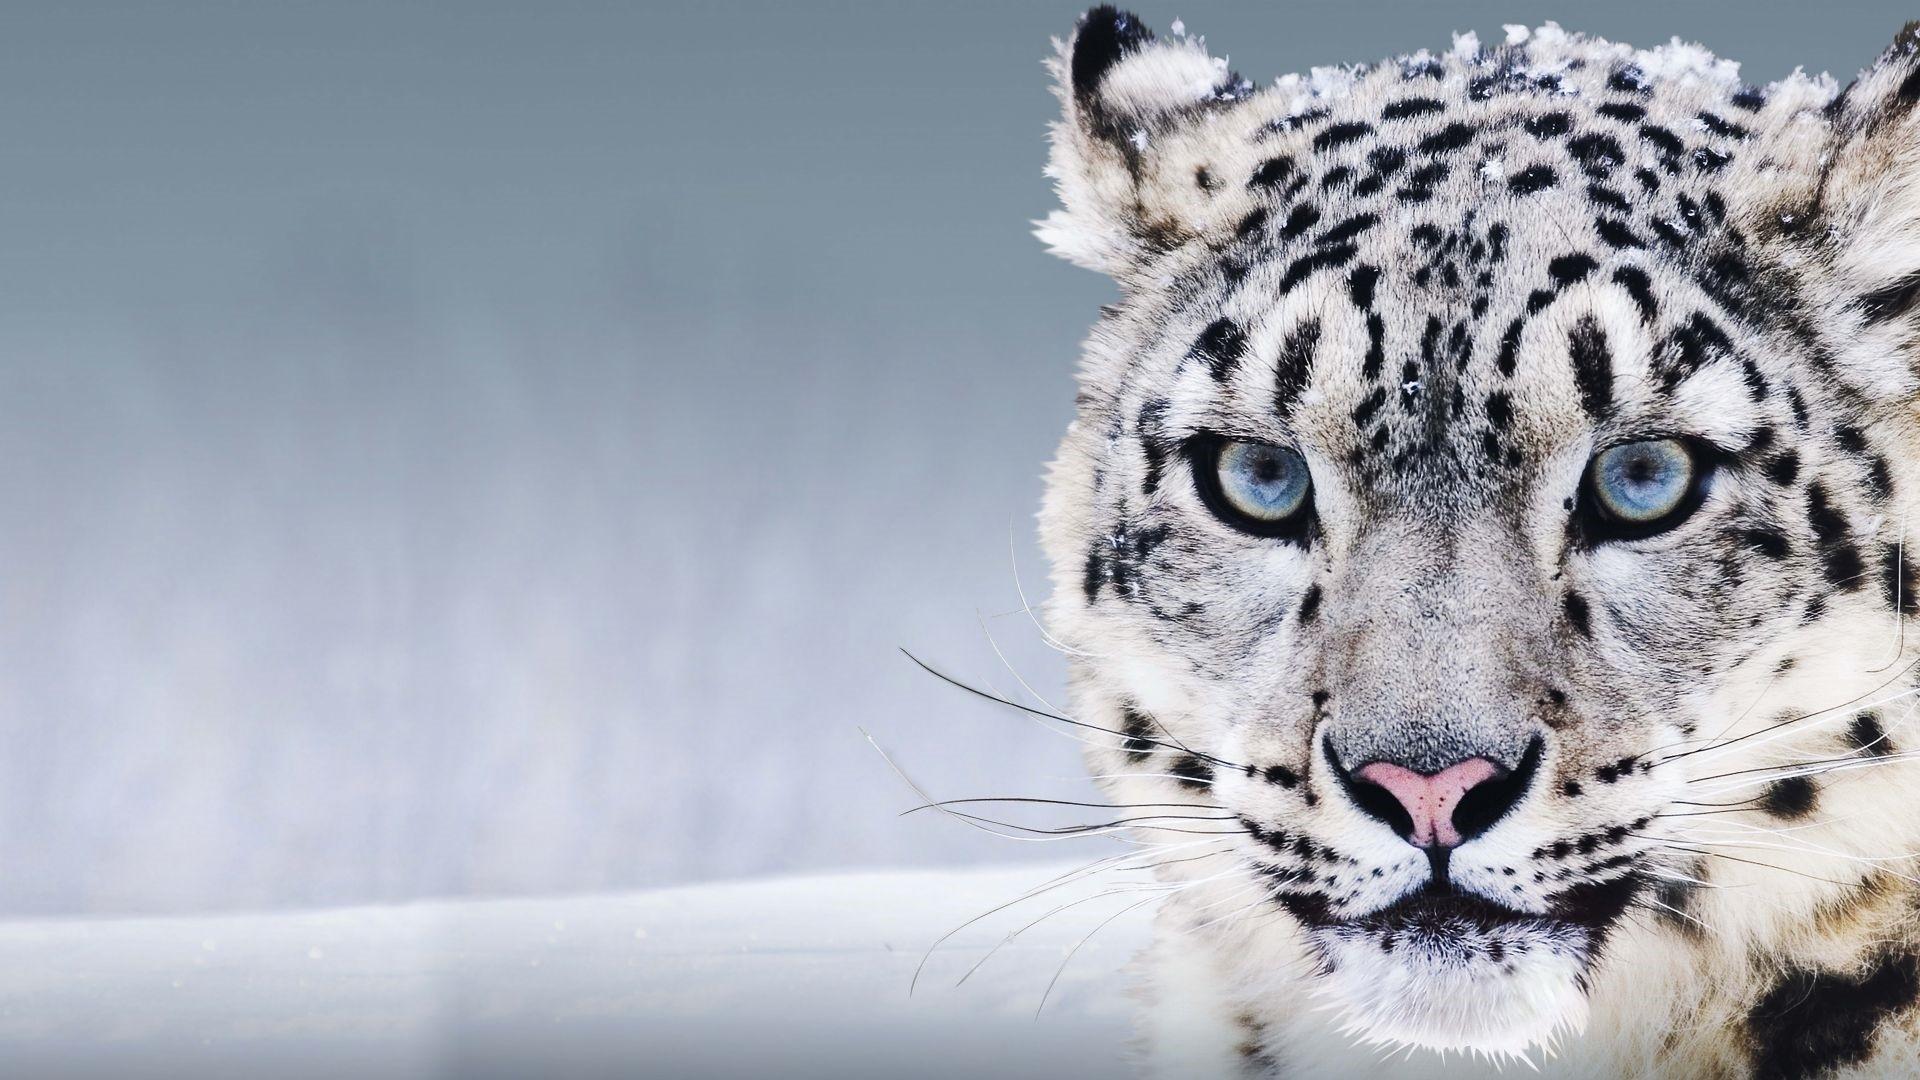 Snow Leopard Full HD Wallpaper